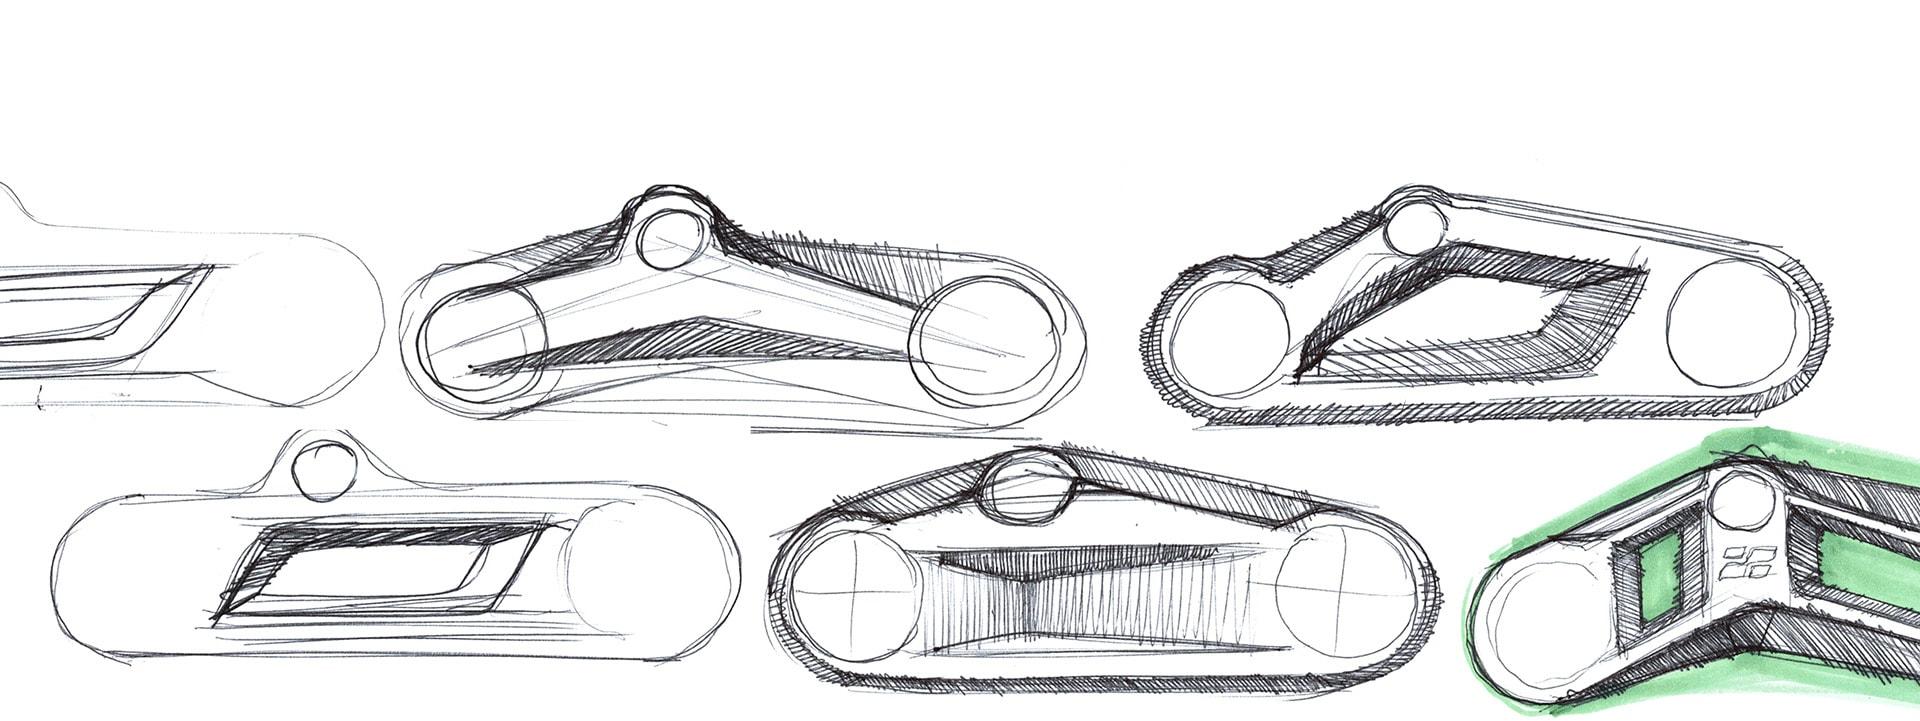 Bionicon_Parts_Sketches_design